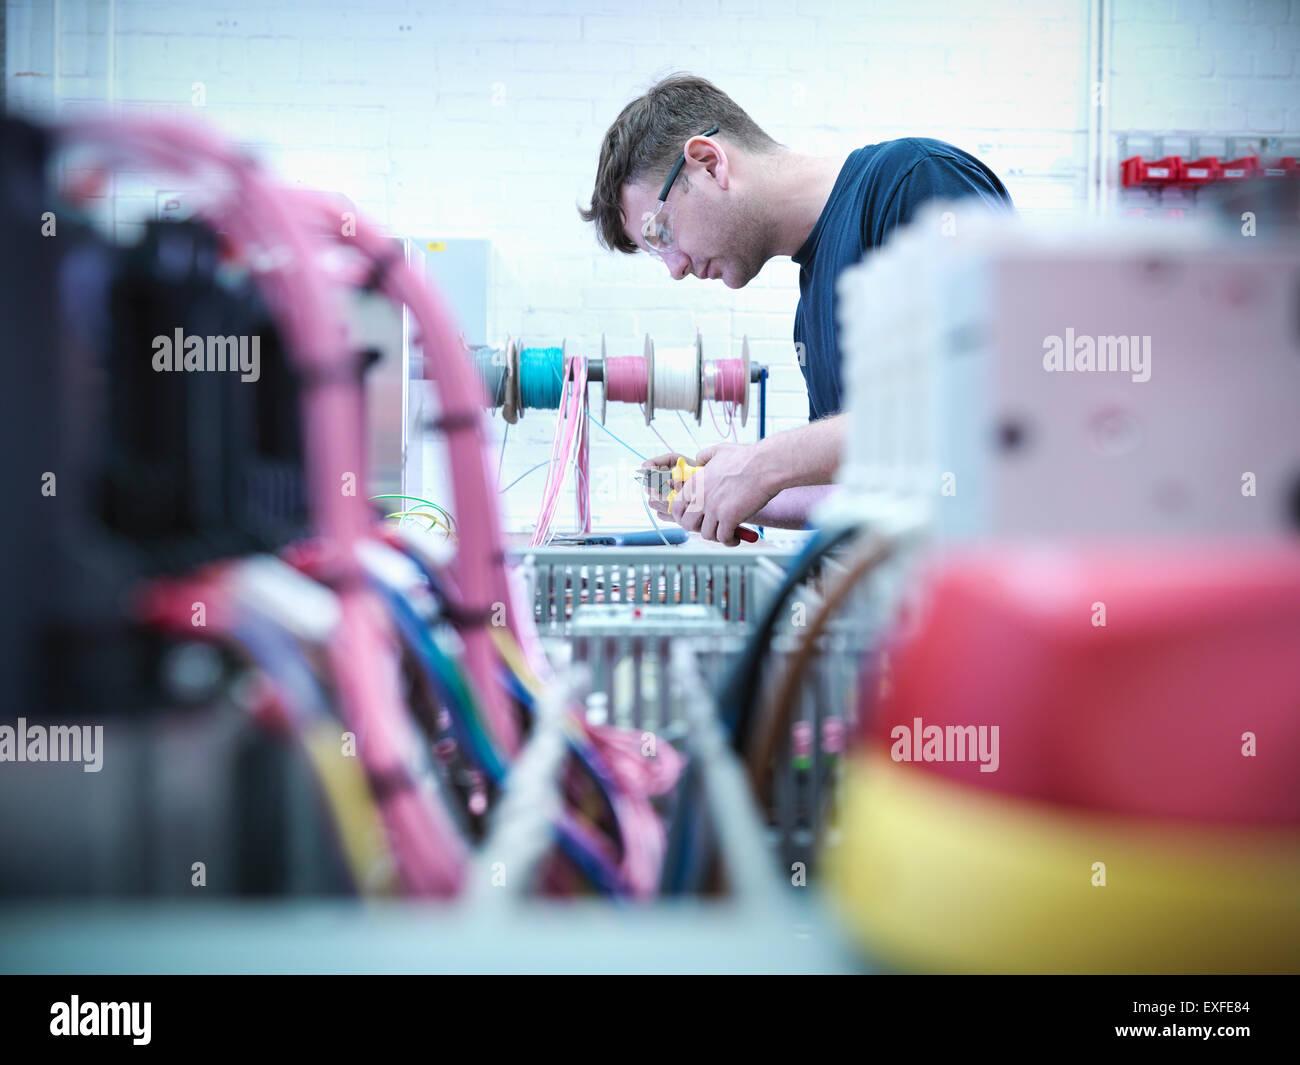 Elektro-Ingenieur Montage Schalttafel in engineering Fabrik Stockbild